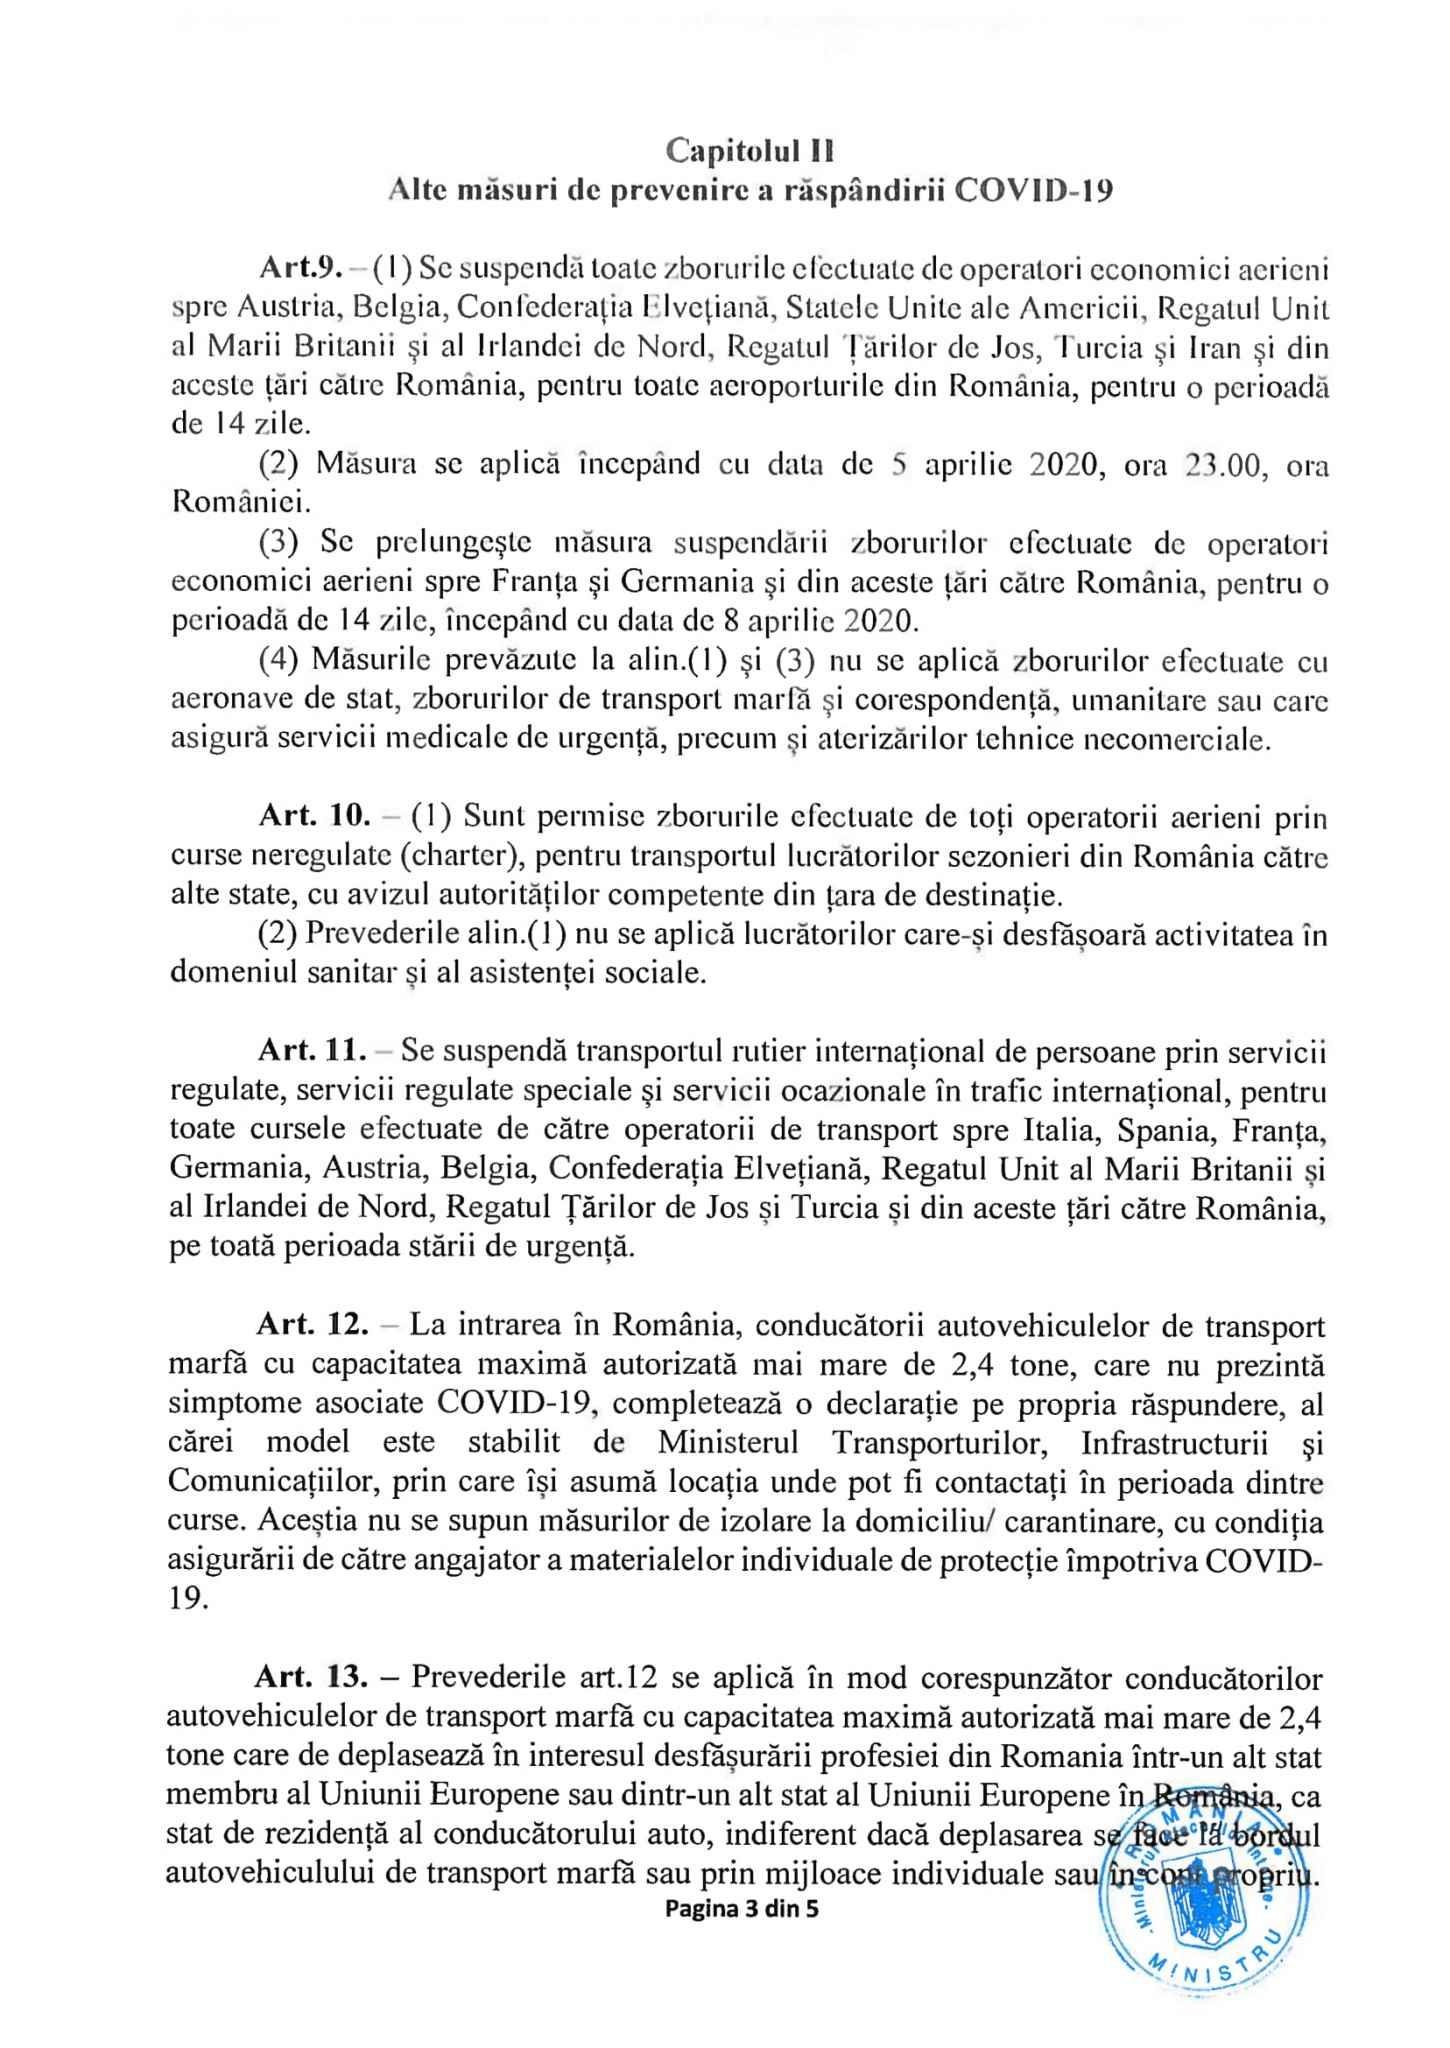 Lugoj Expres Ordonanța Militară nr. 7: Se impun noi restricții în lupta cu COVID-19 zboruri anulate Țăndărei prevenire ordonanța militară nr. 7 ordonanță militară măsuri Ialomița COVID 19 carantină autoriăți